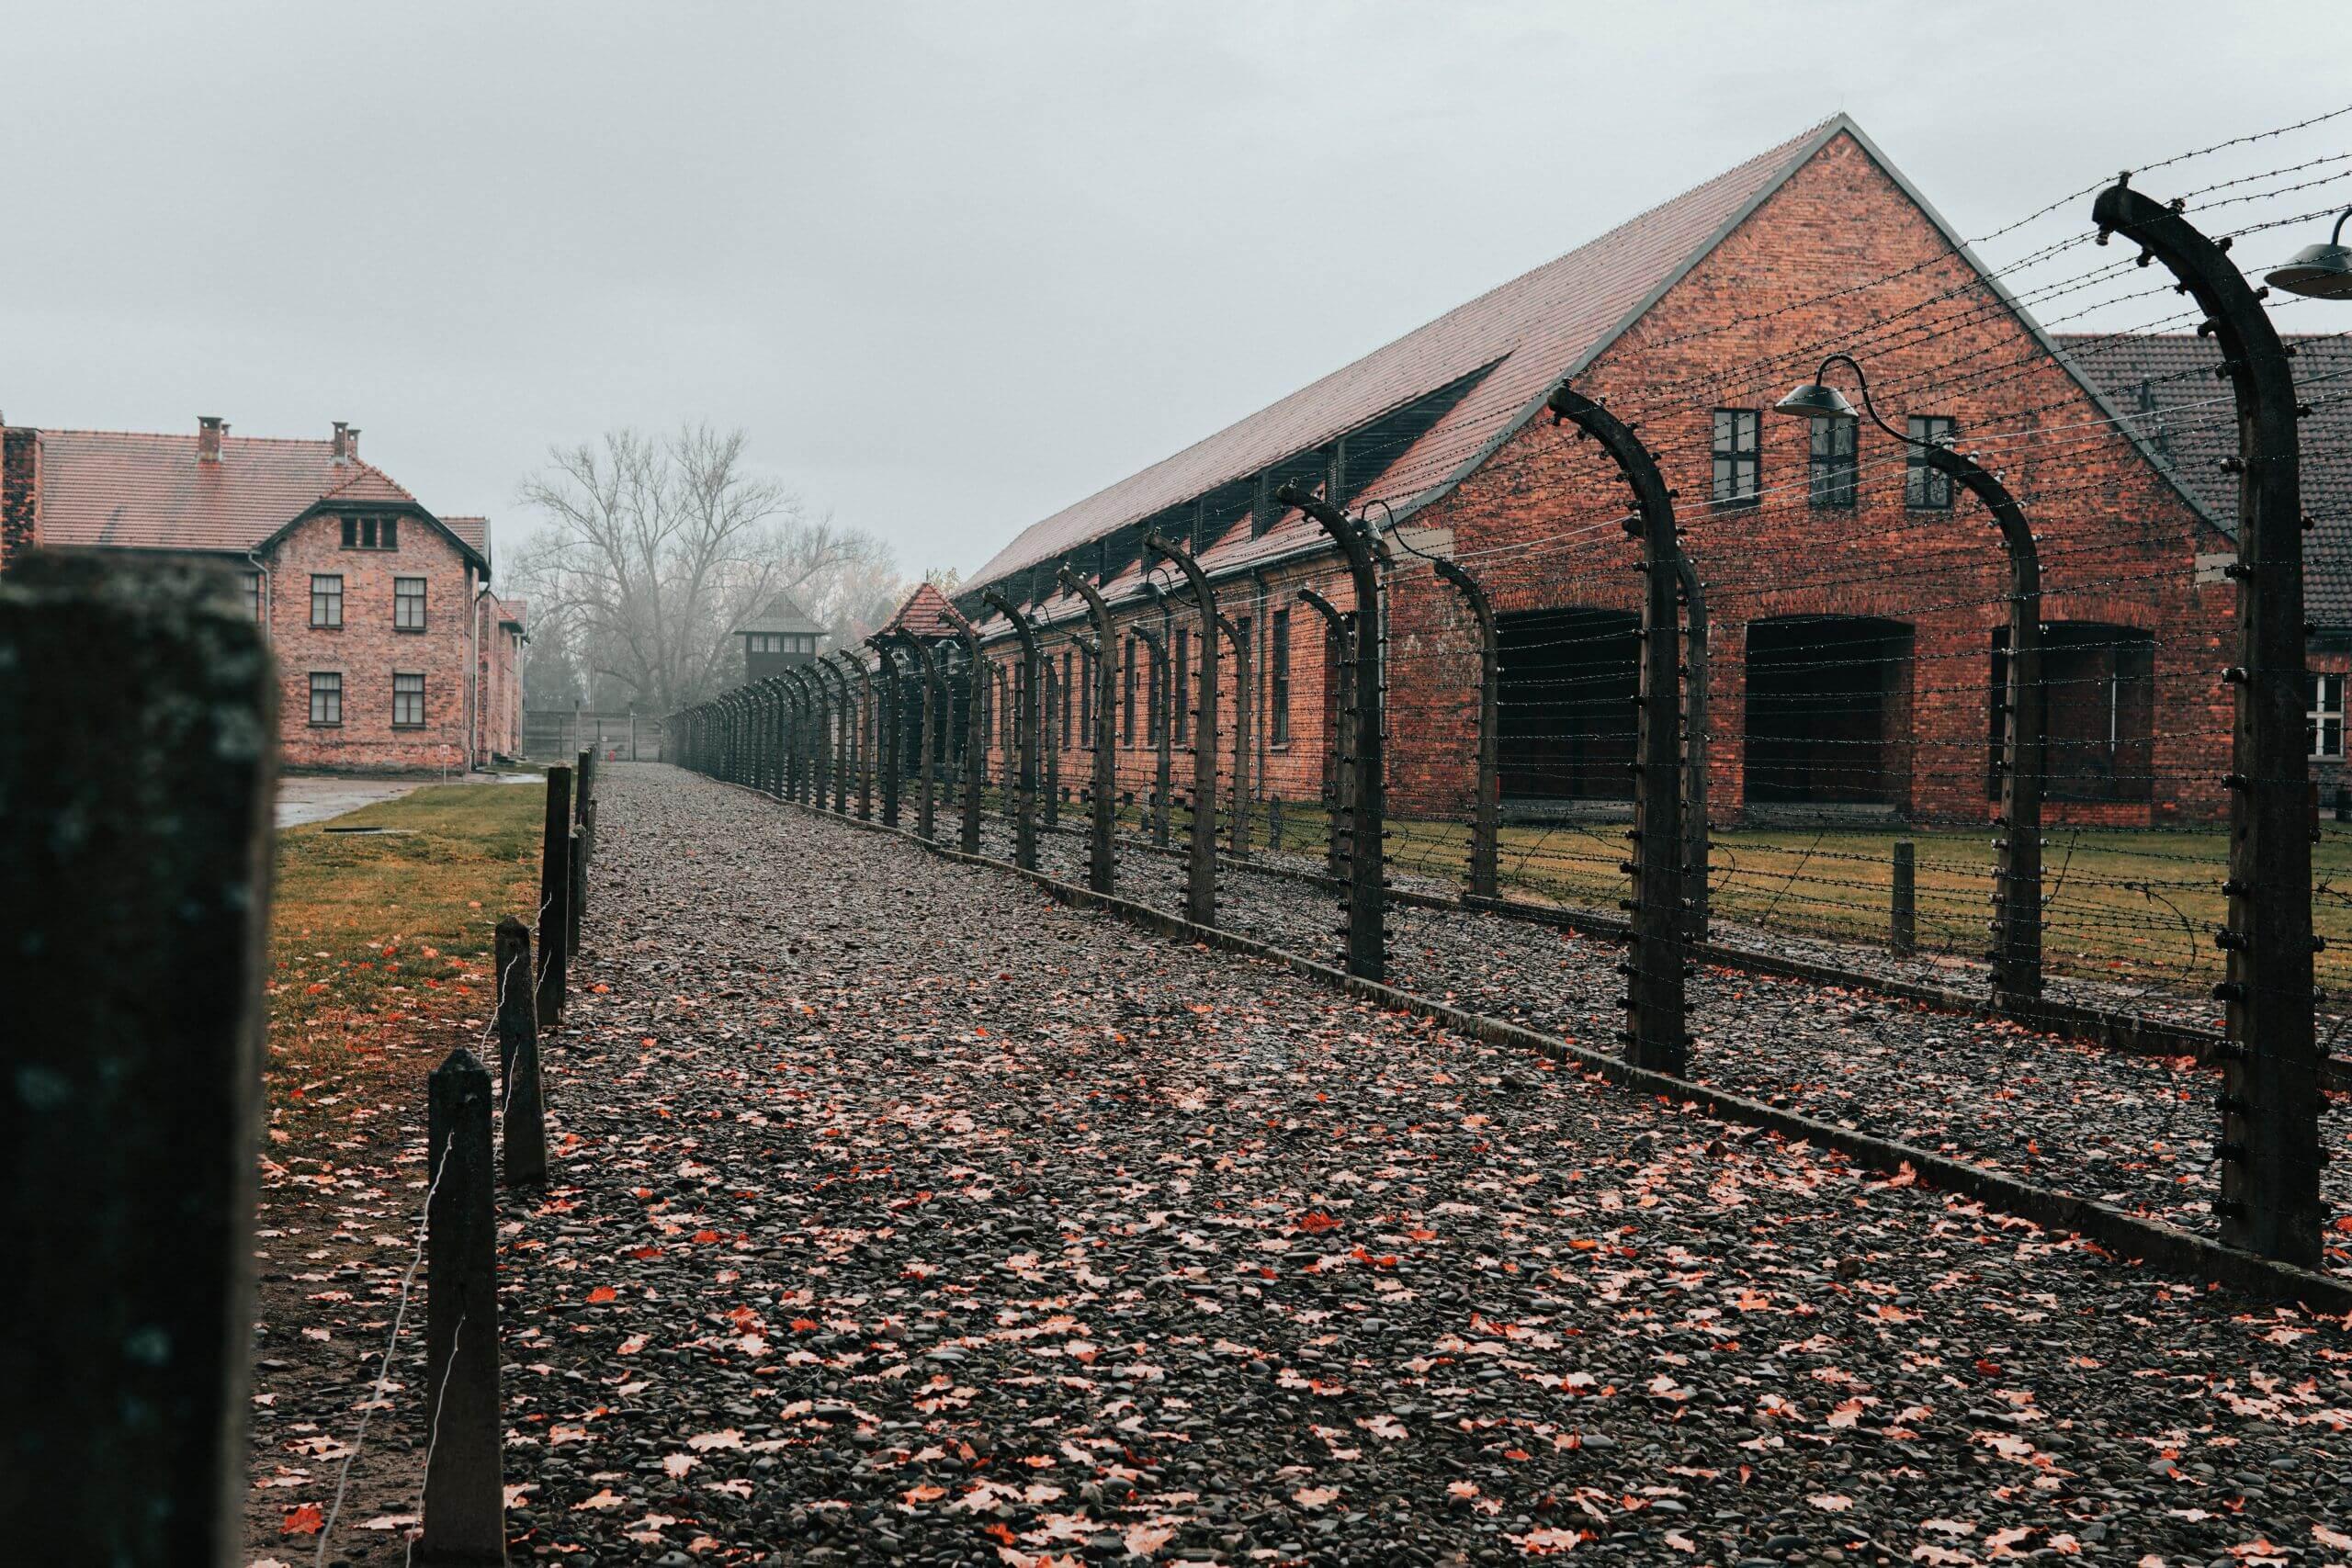 Ana Galán vence prémio Europa Nostra com exposição sobre Auschwitz. Investigadora dedica-se à conservação do património trágico